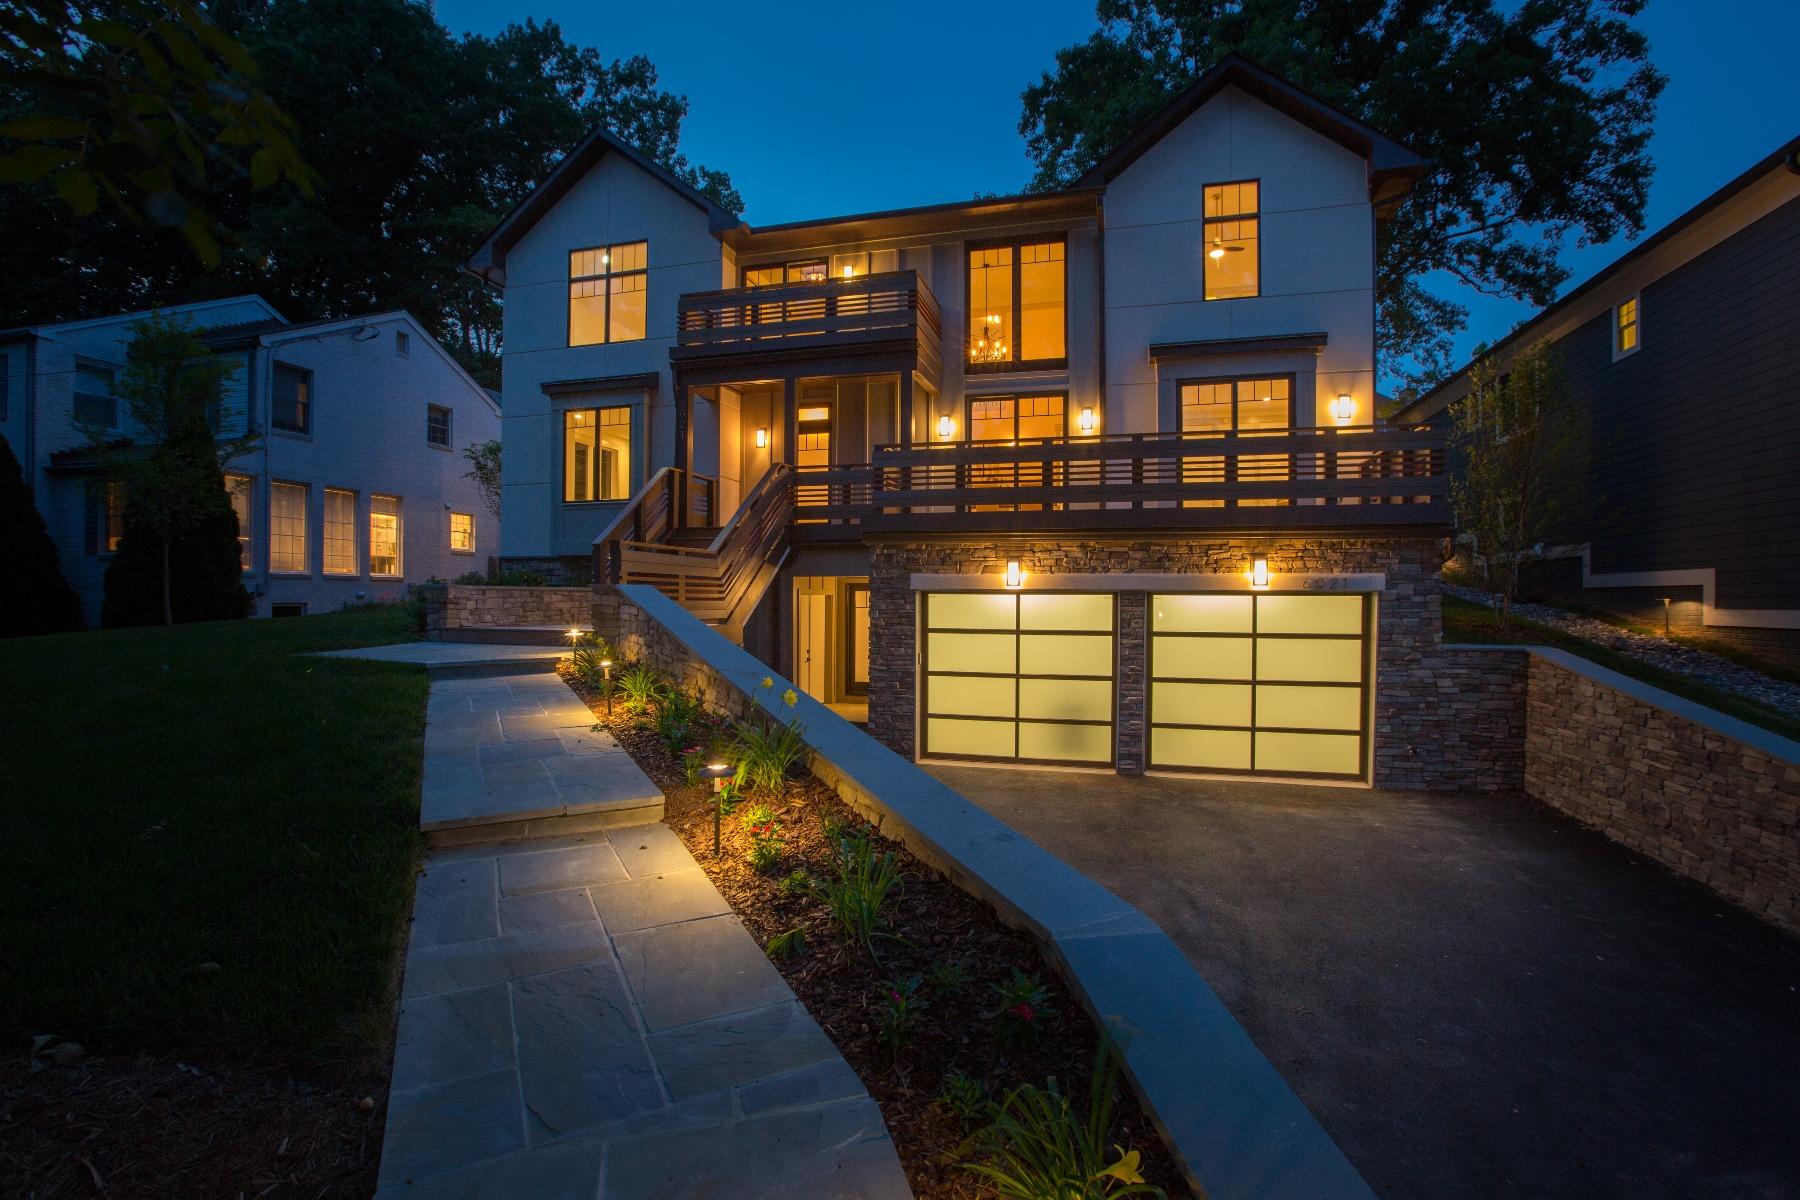 Maison unifamiliale pour l Vente à 6021 Walhonding Road, Bethesda 6021 Walhonding Rd Bethesda, Maryland, 20816 États-Unis